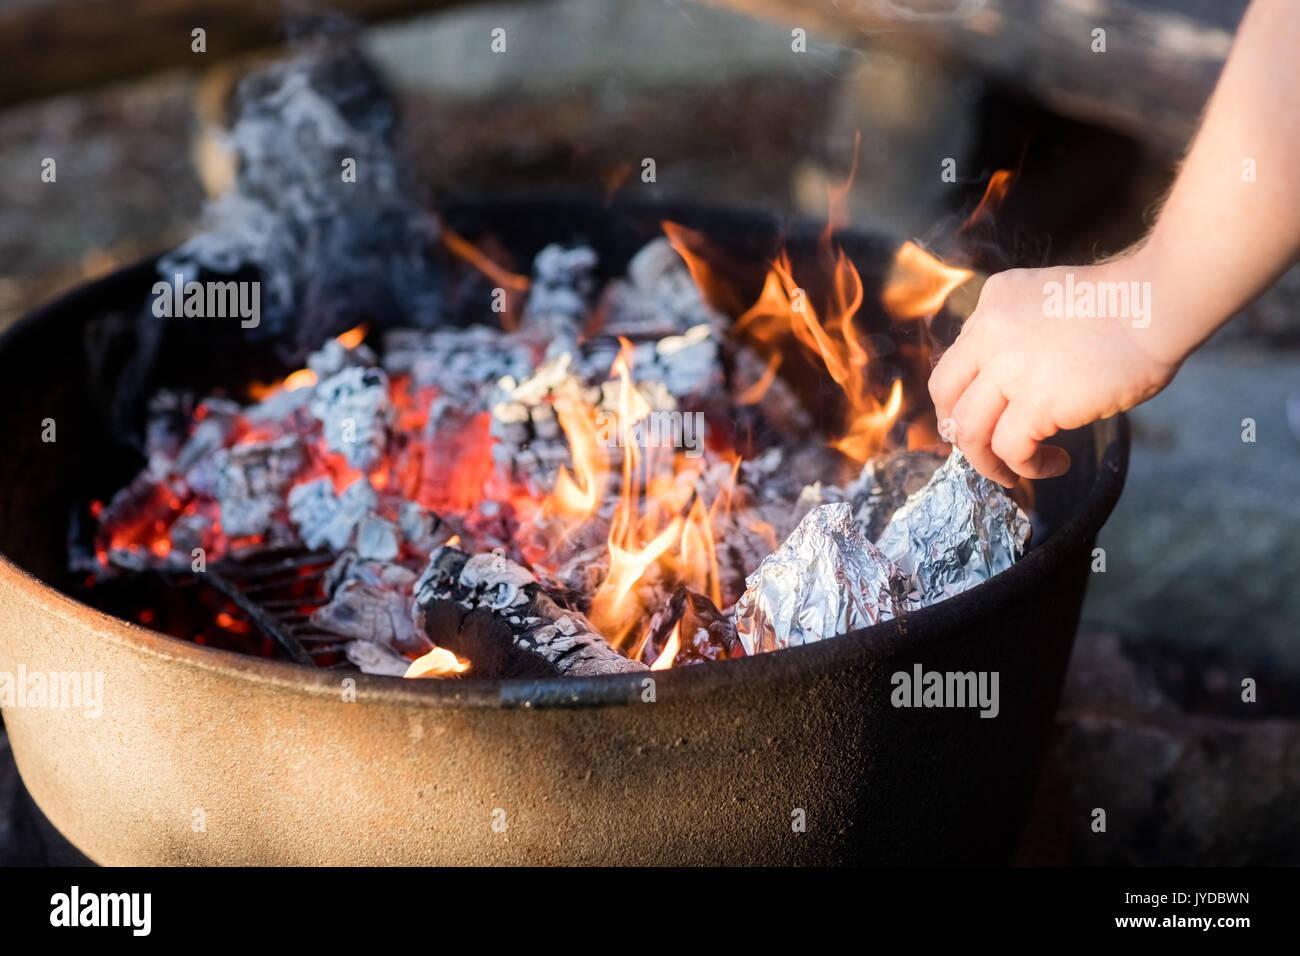 Nahaufnahme der Hand Grillen, DIE VON EINER FOLIE UMHÜLLT WIRD Auf der Feuerstelle Stockbild